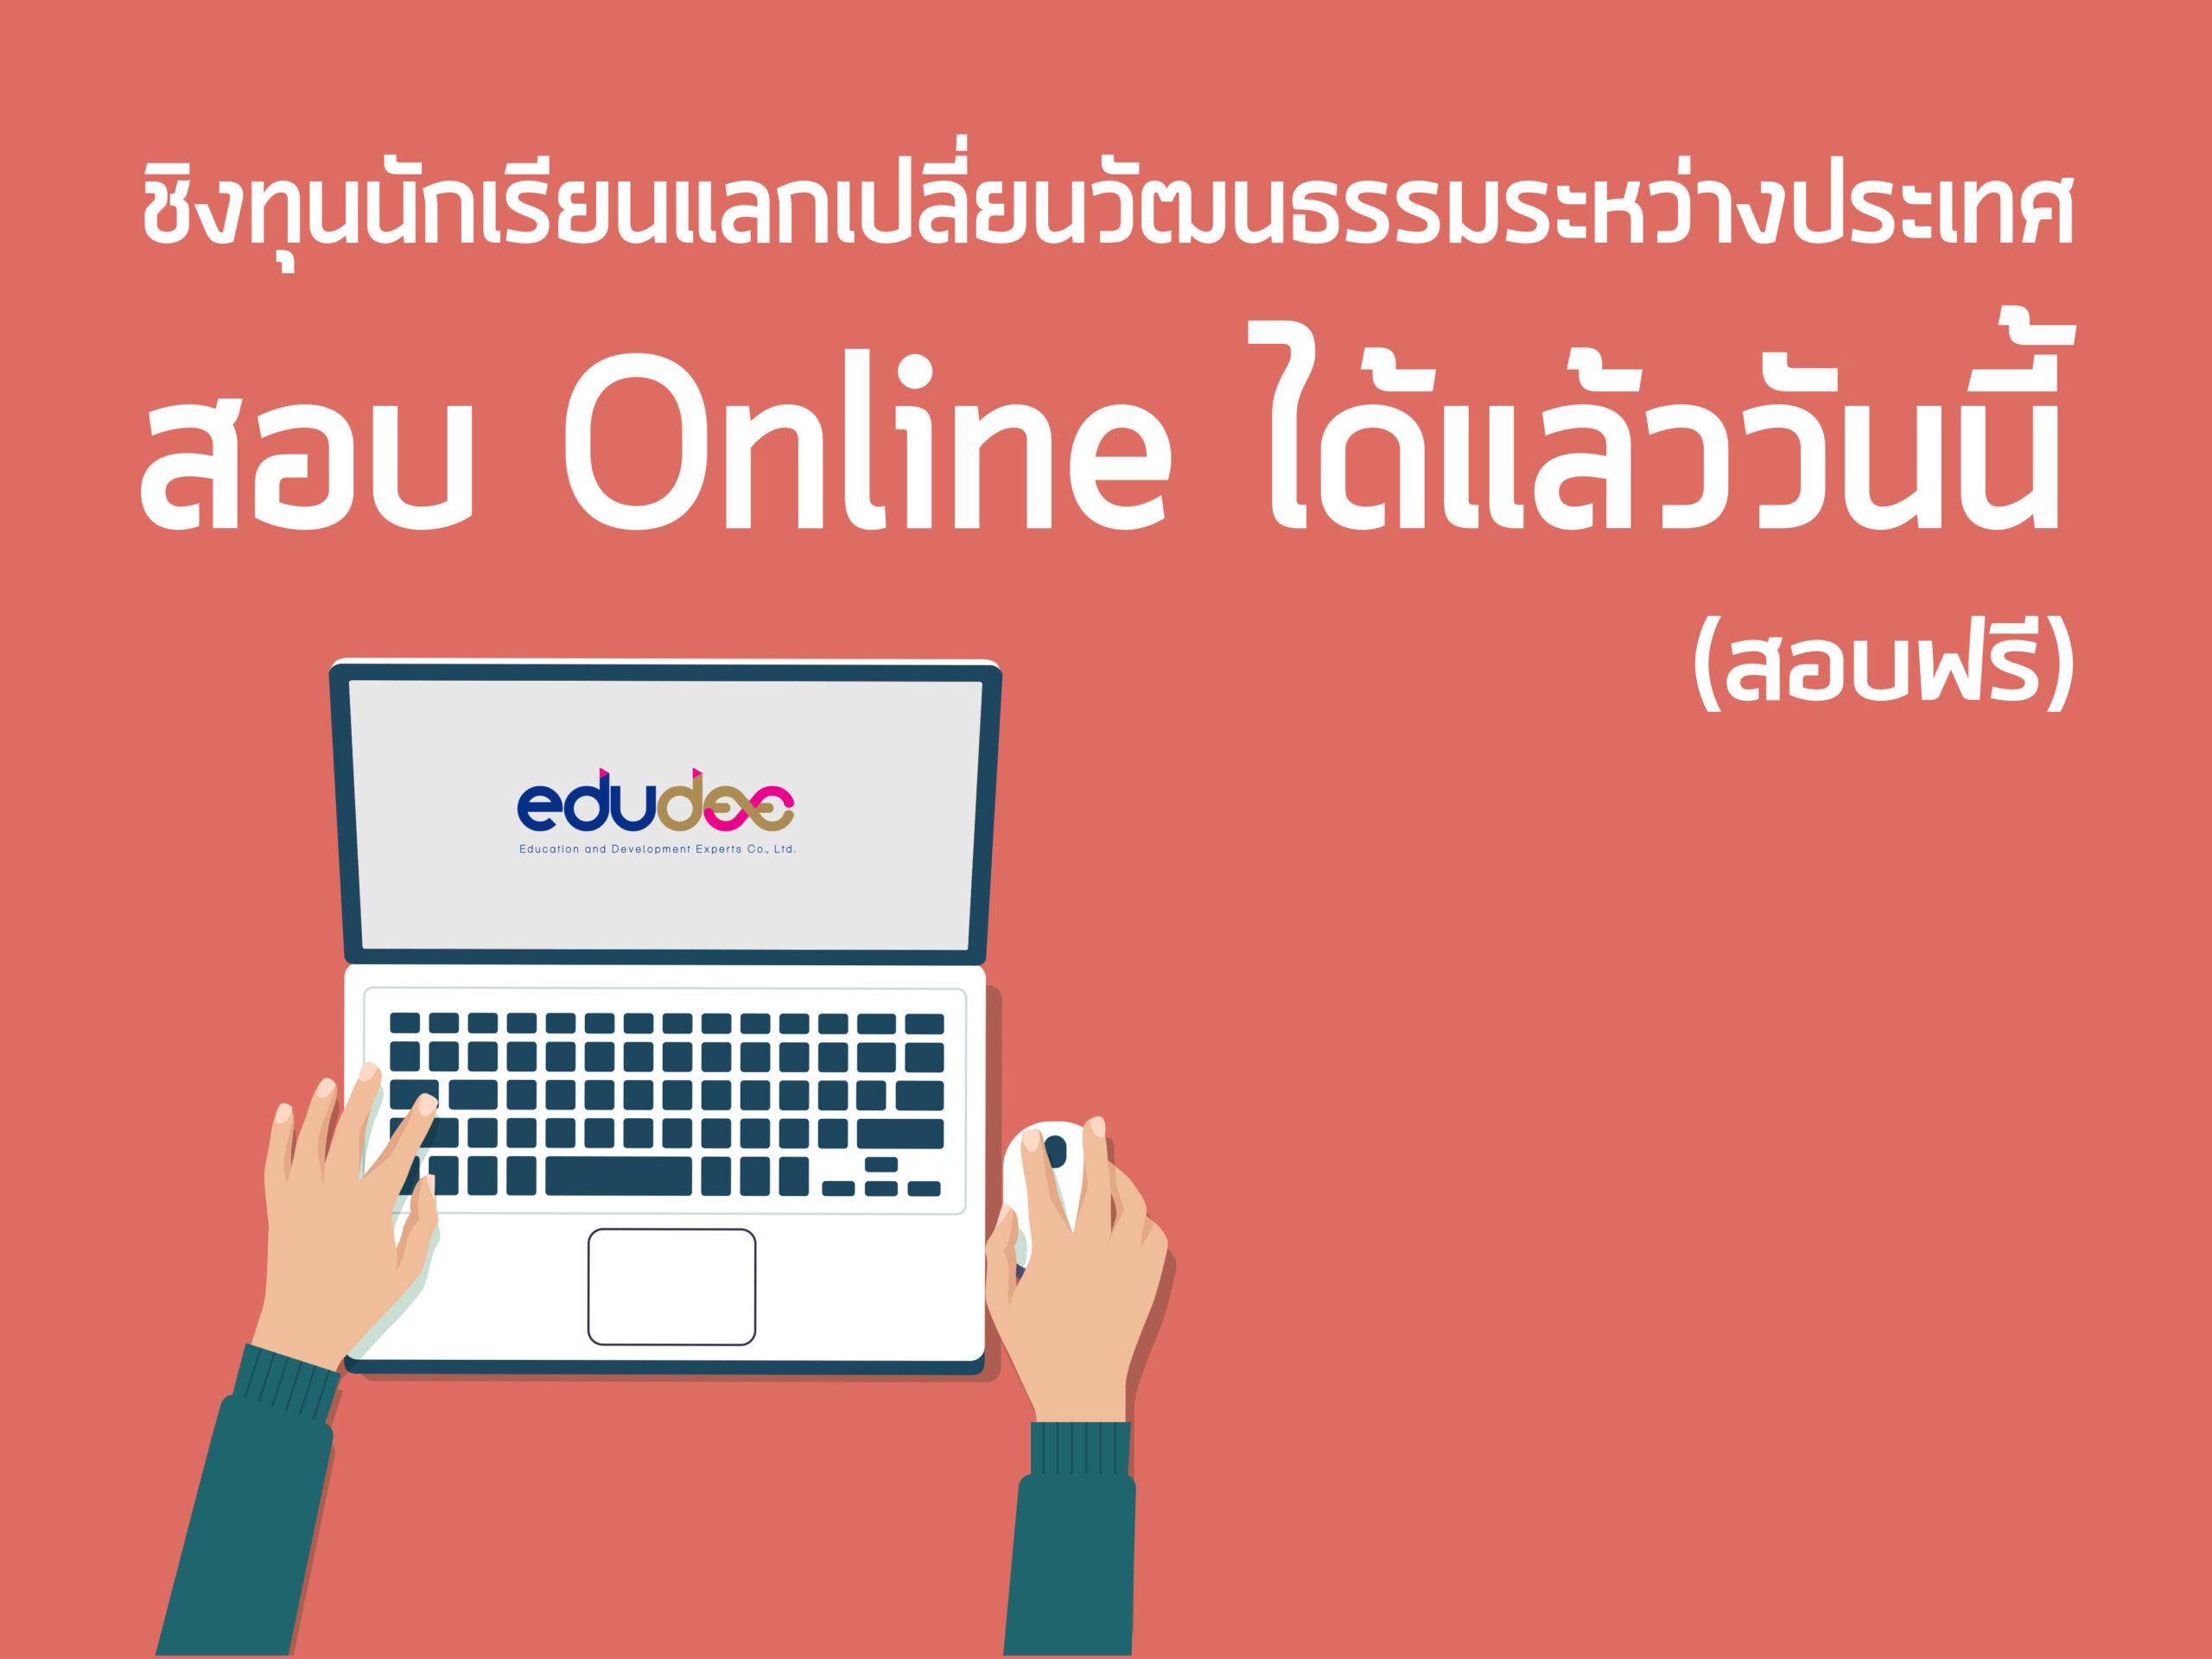 การสอบออนไลน์เพื่อชิงทุนแลกเปลี่ยนวัฒนธรรมระหว่างประเทศปี 2022- 2023